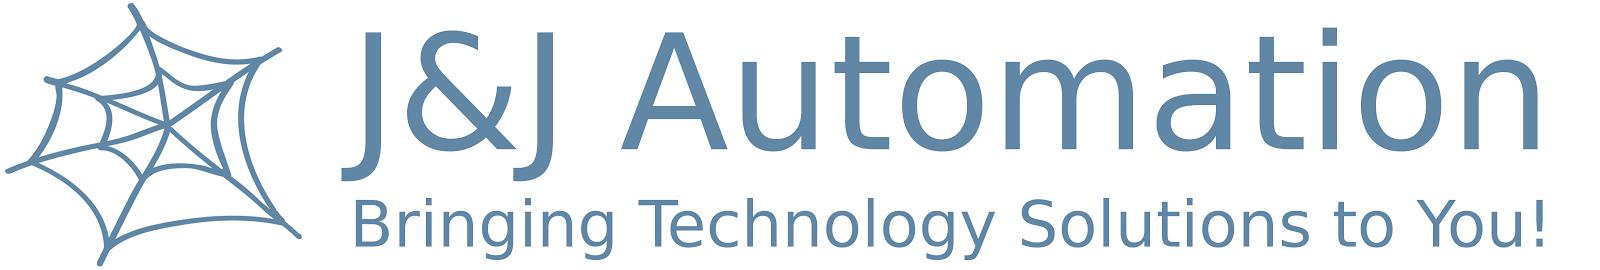 J & J Automation